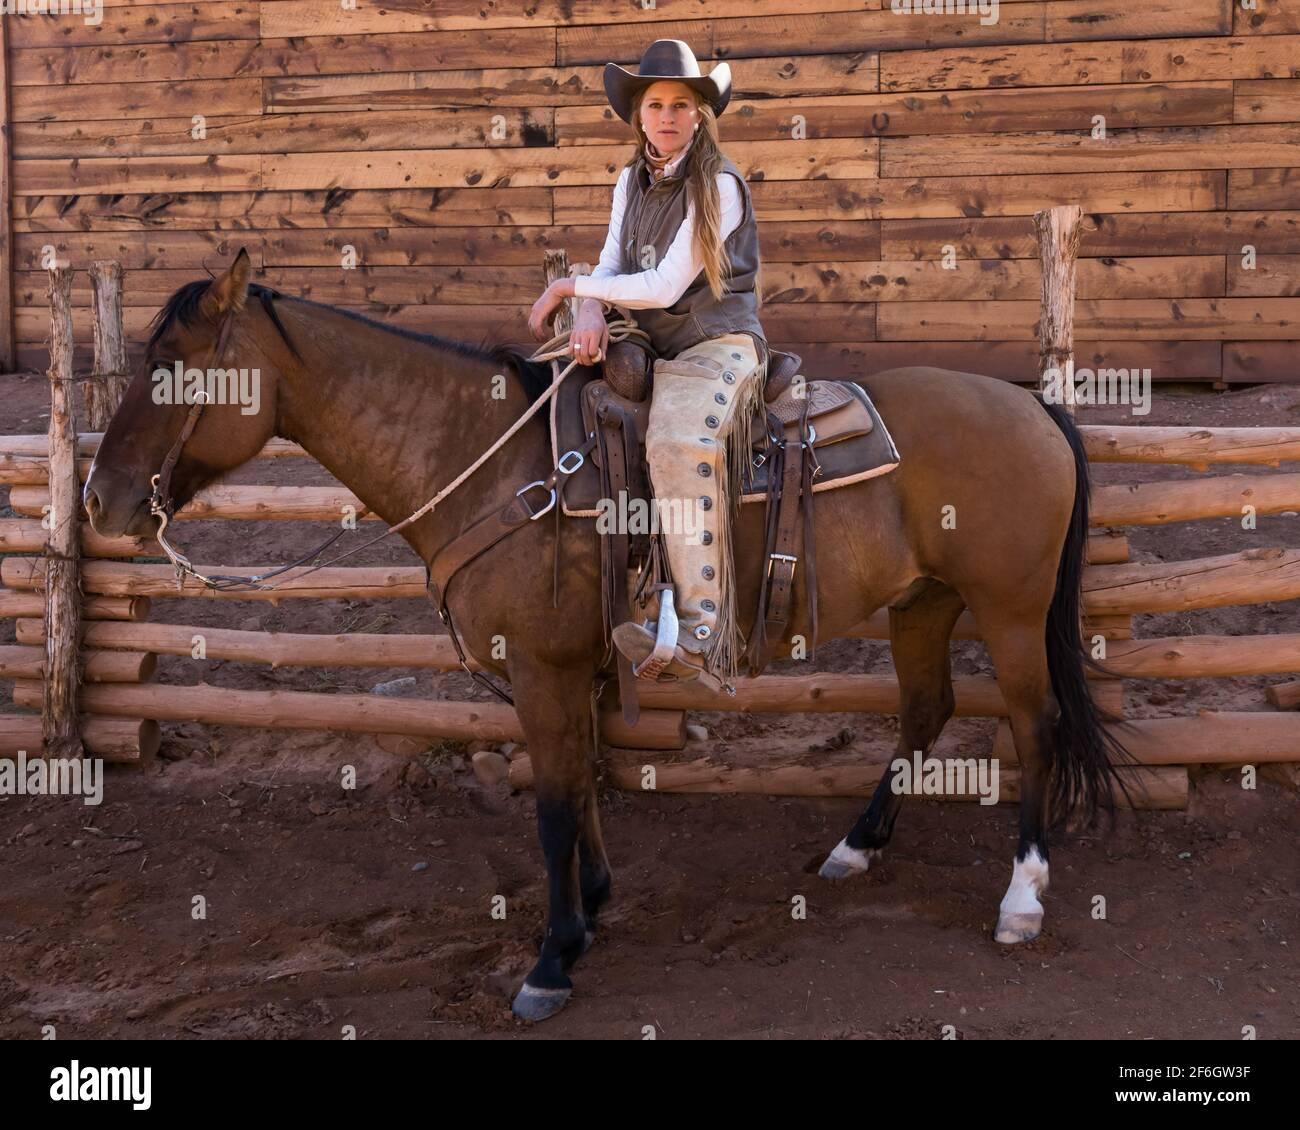 Una joven y atractiva vaquera wrangler posa sobre su caballo en un rancho cerca de Moab, Utah. Ella usa brochones de cuero para protegerla del cepillo espinoso w Foto de stock